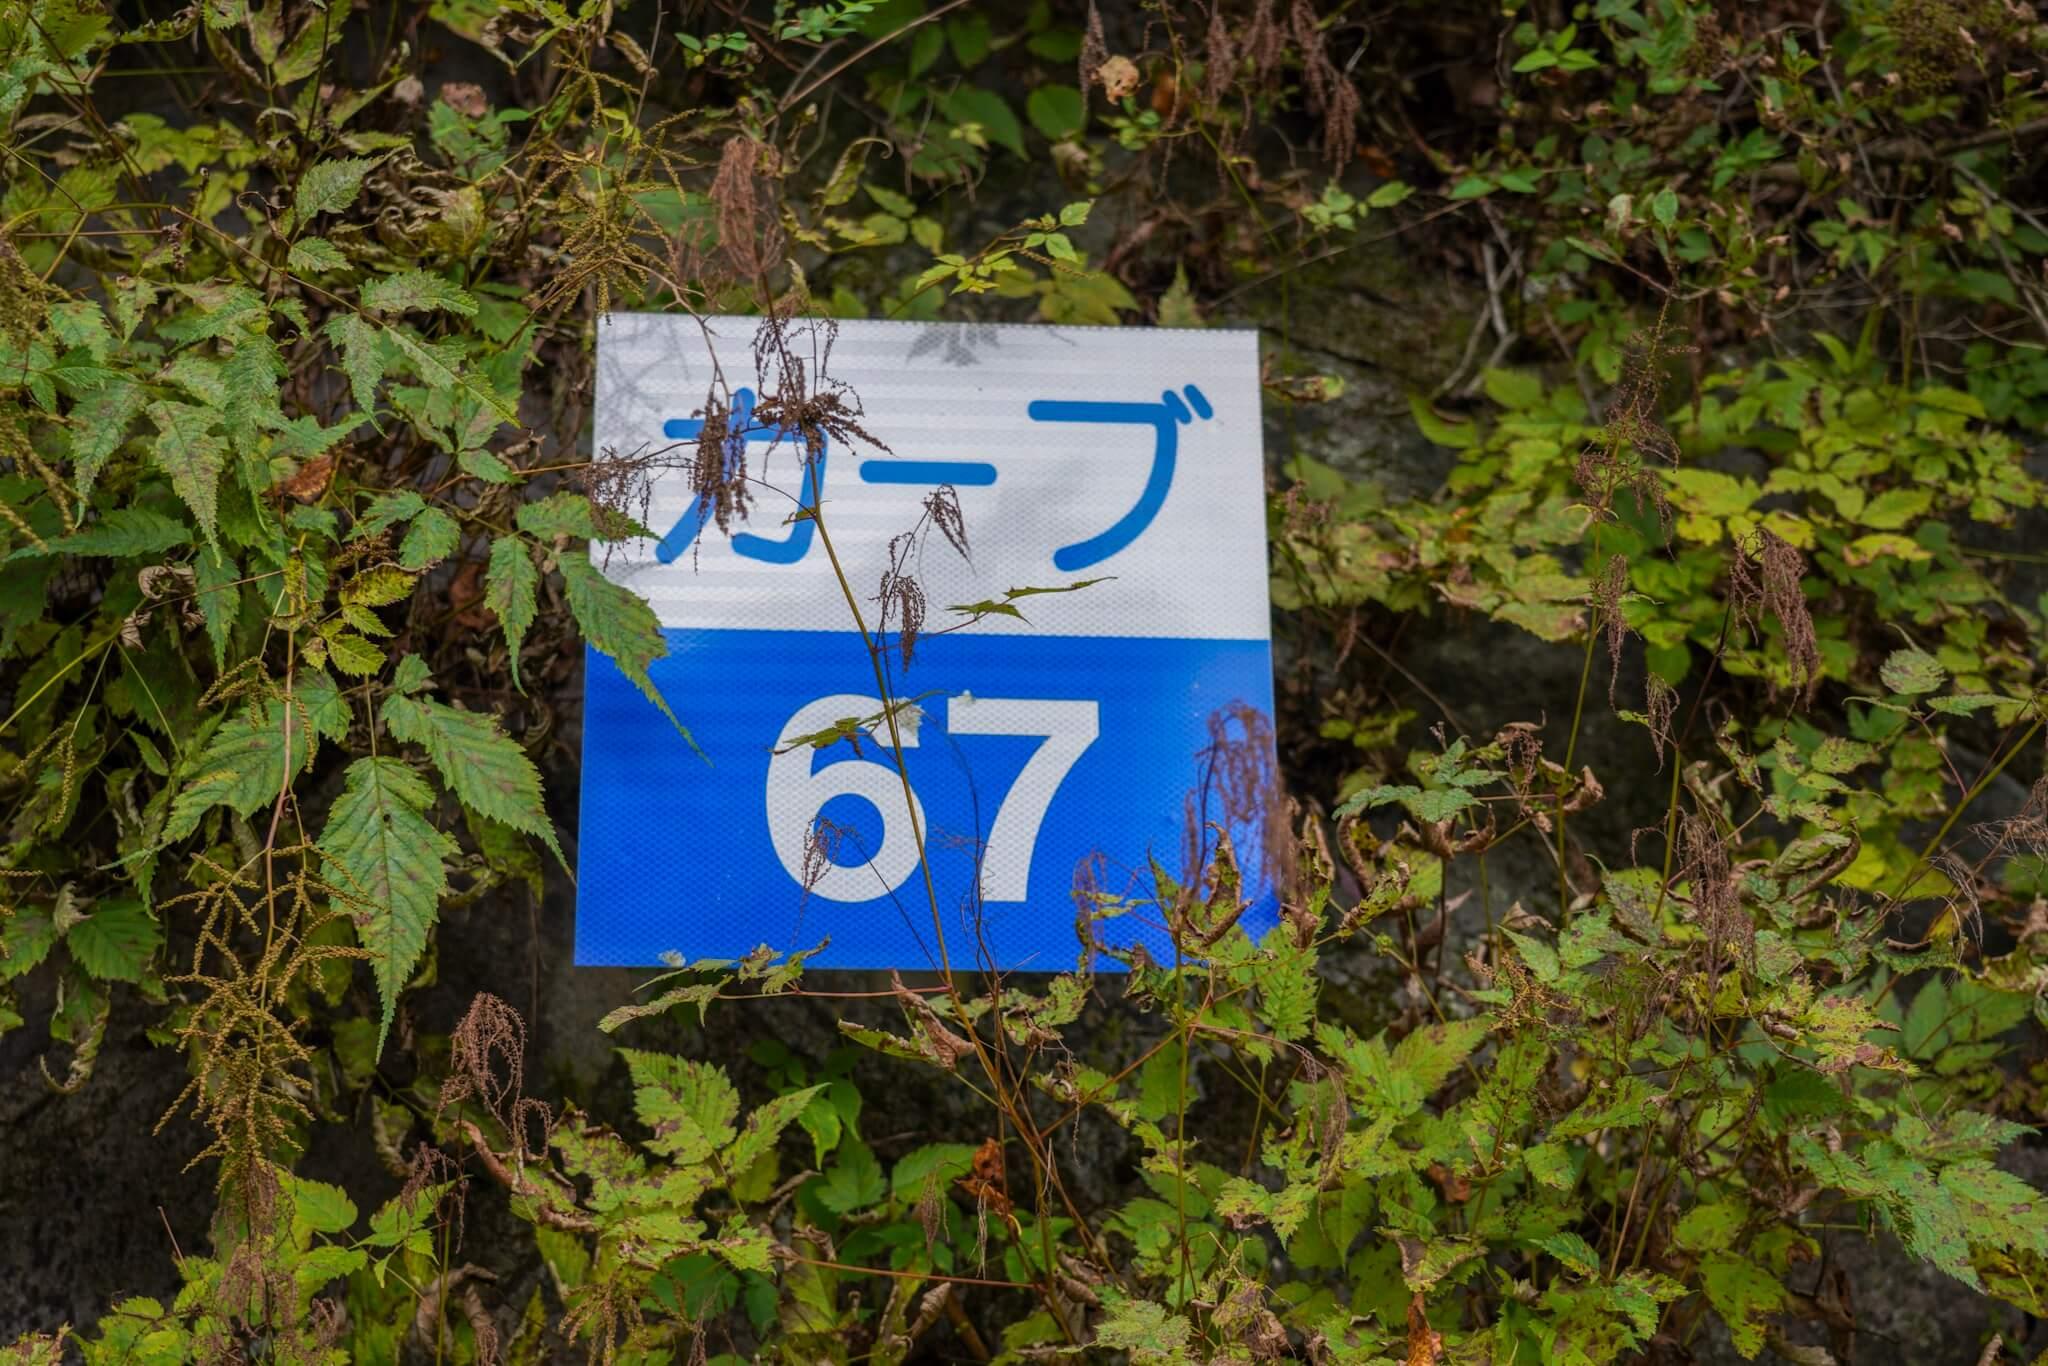 赤城山 峠 カーブNo.67